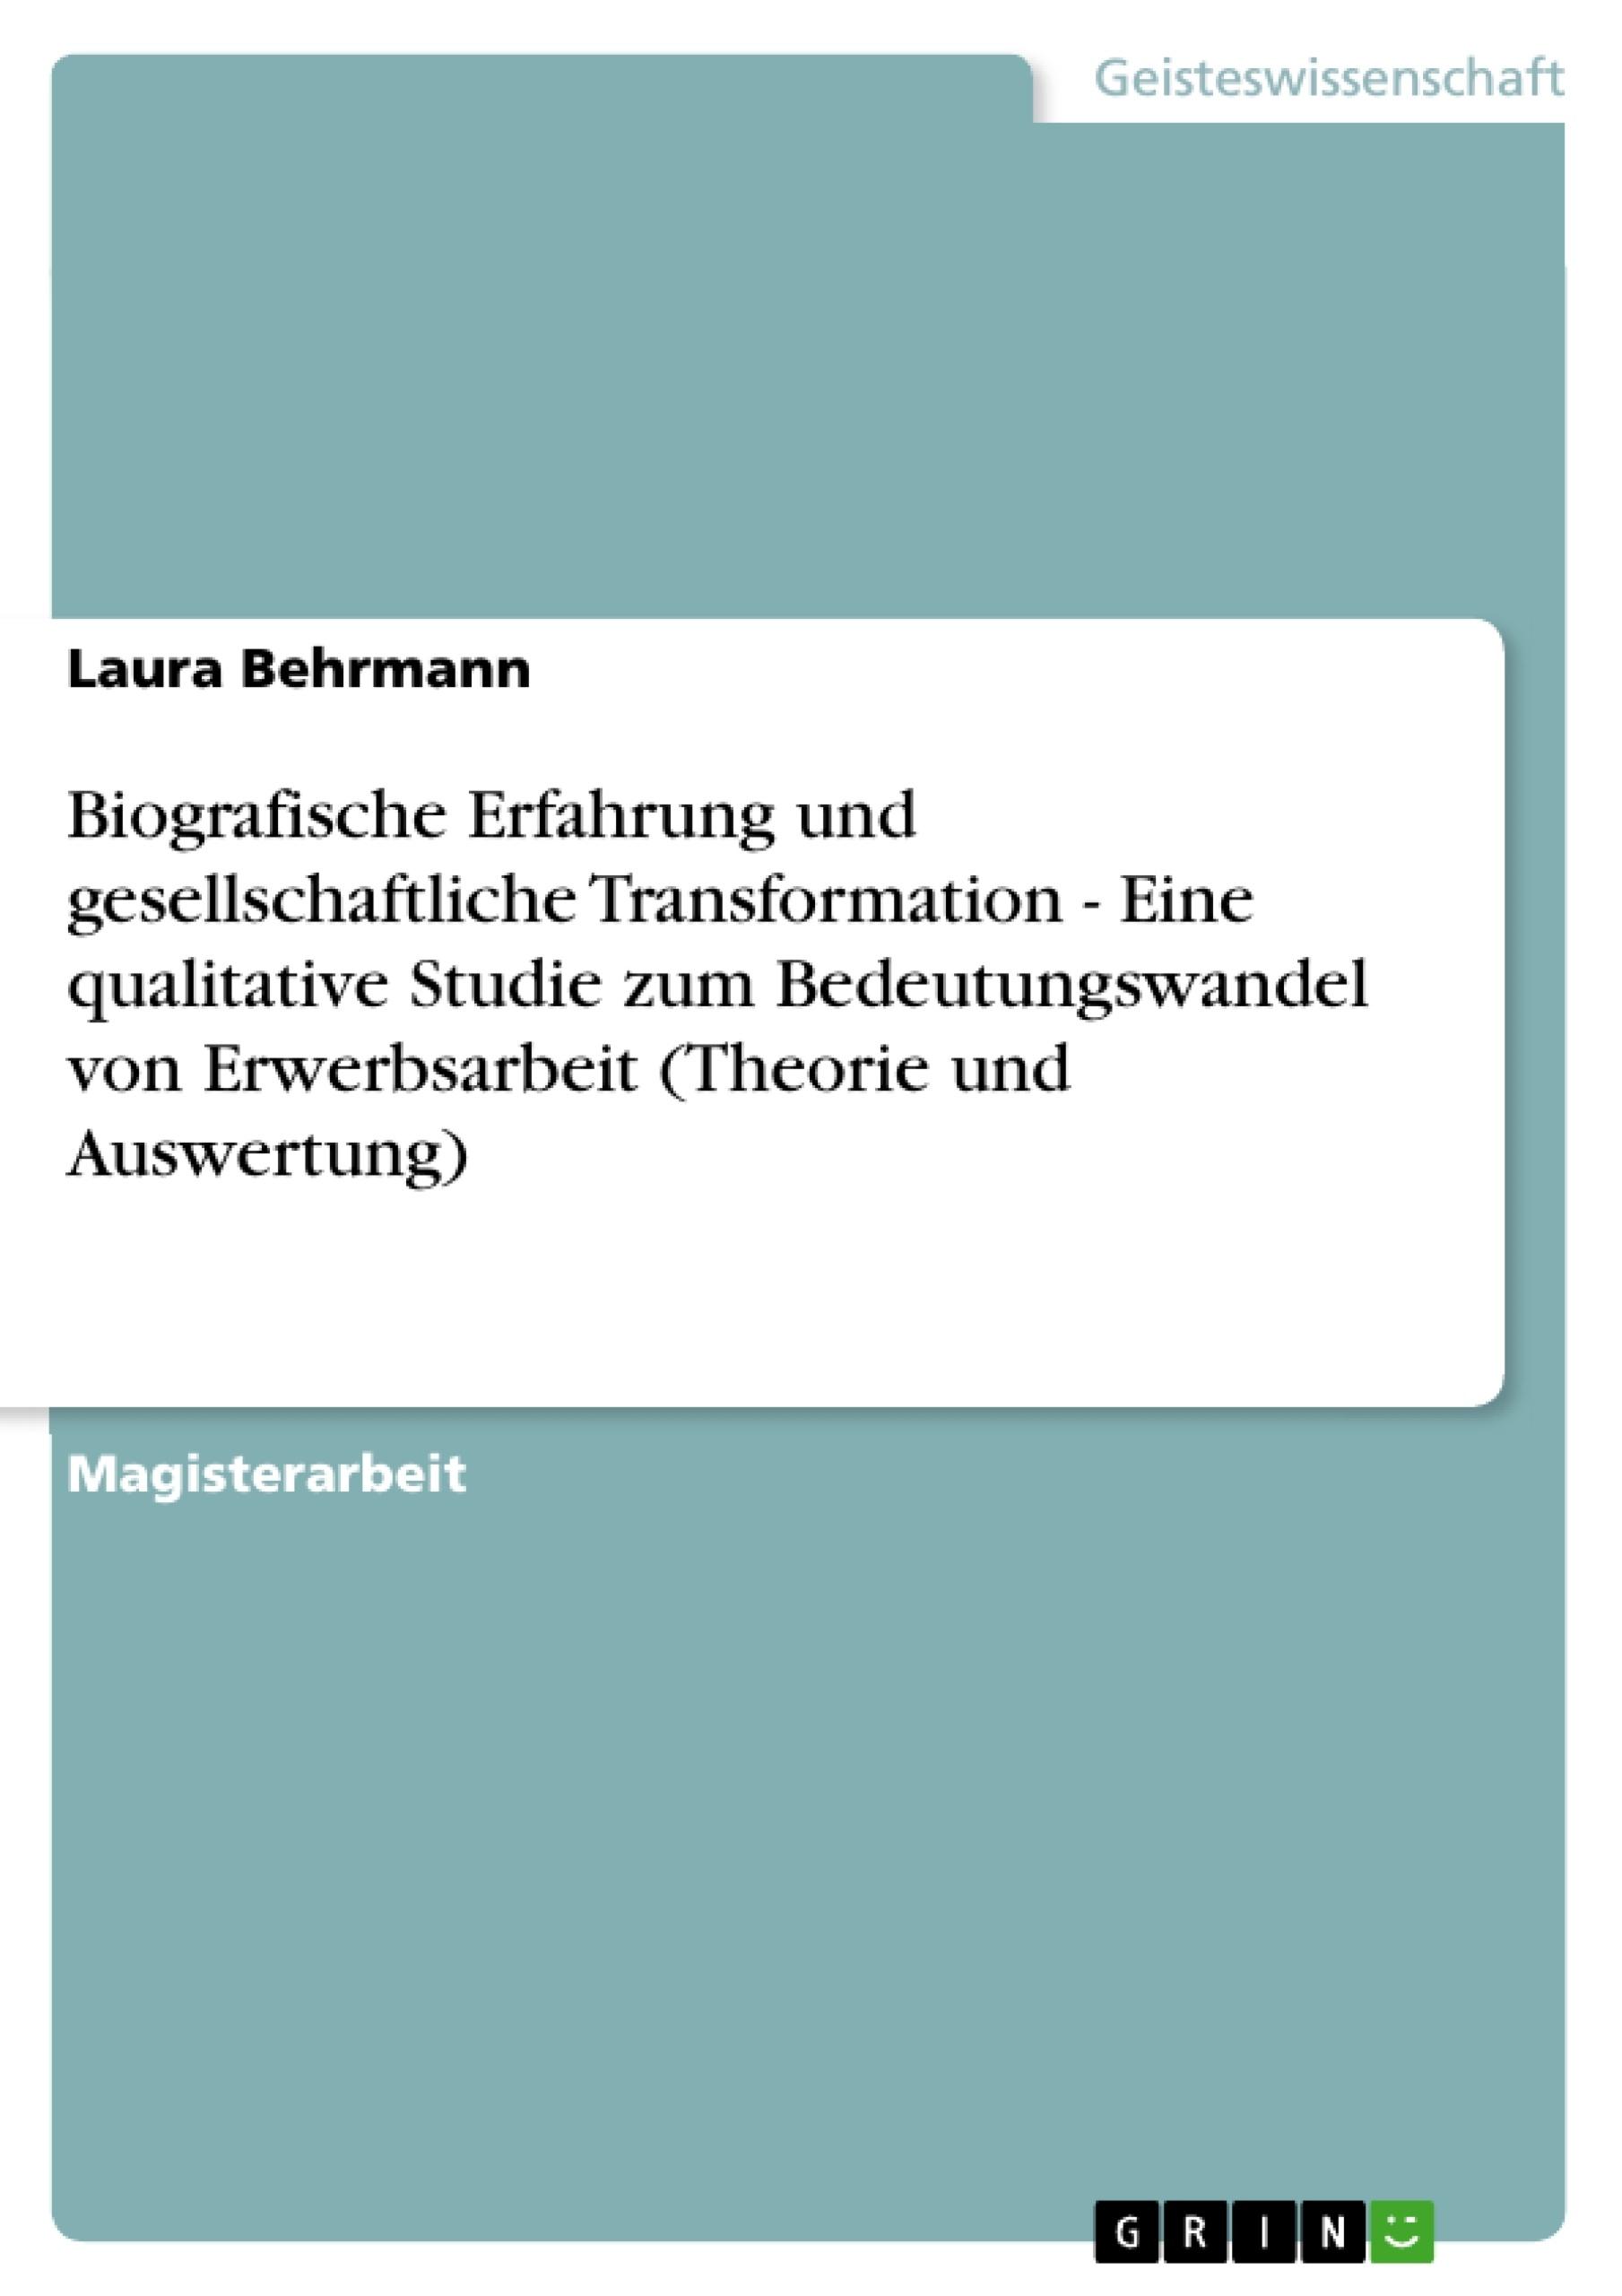 Titel: Biografische Erfahrung und gesellschaftliche Transformation - Eine qualitative Studie zum Bedeutungswandel von Erwerbsarbeit (Theorie und Auswertung)